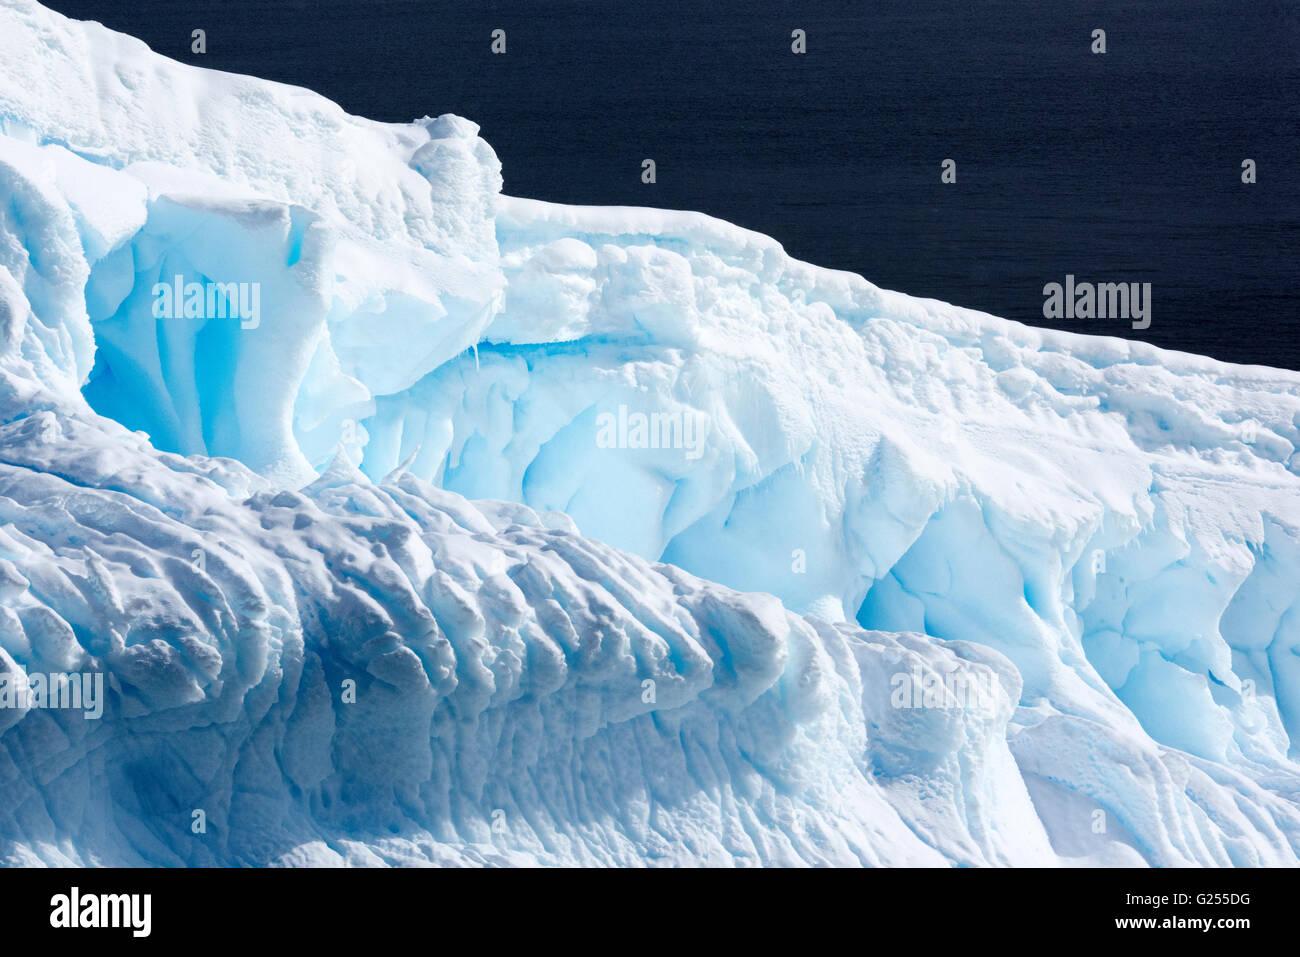 Forme di ghiaccio isola Yalour, Antartide Foto Stock